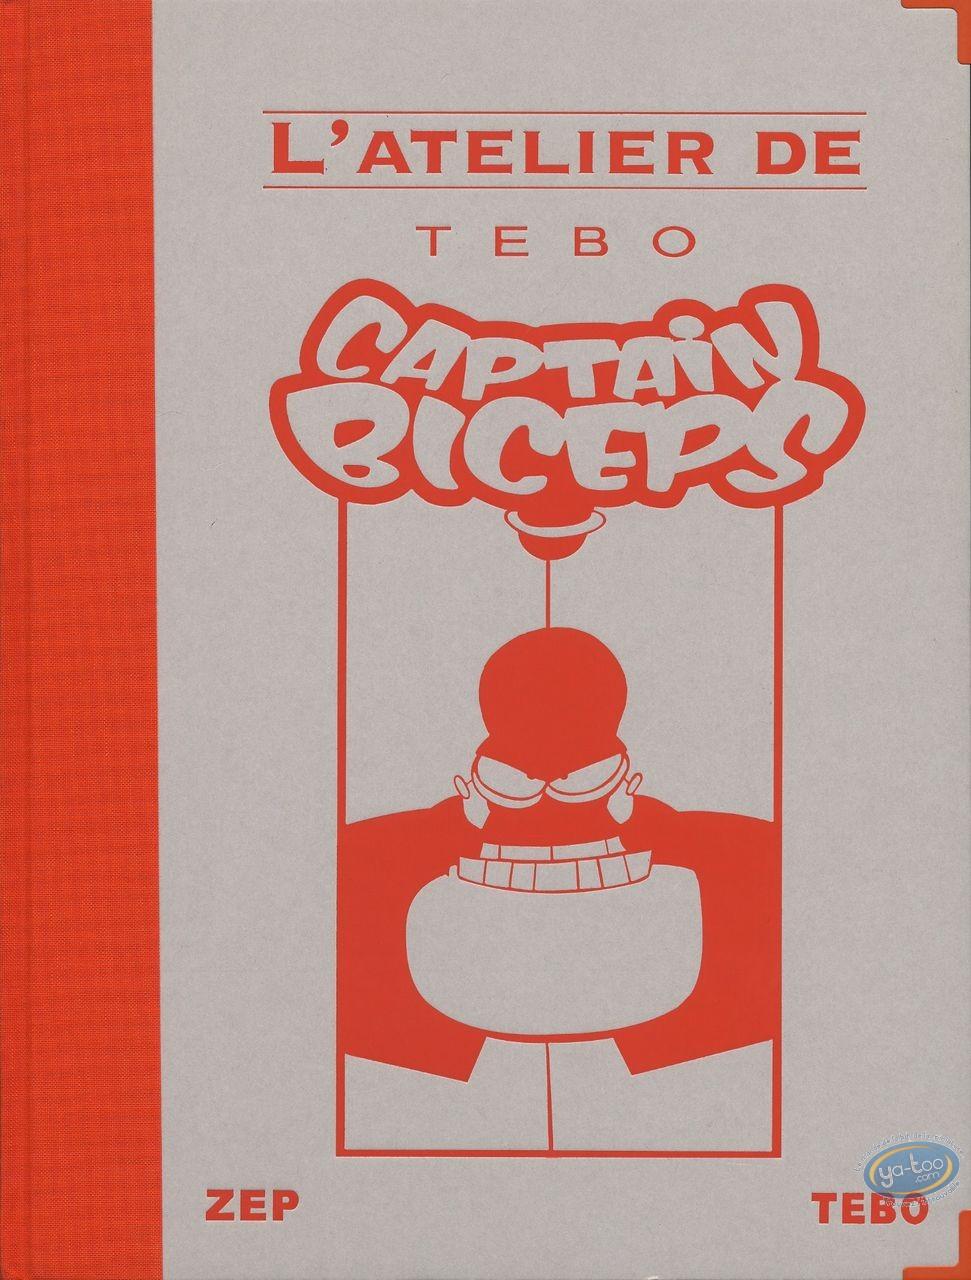 Edition spéciale, Captain Biceps : L'atelier de Tebo, Captain Biceps